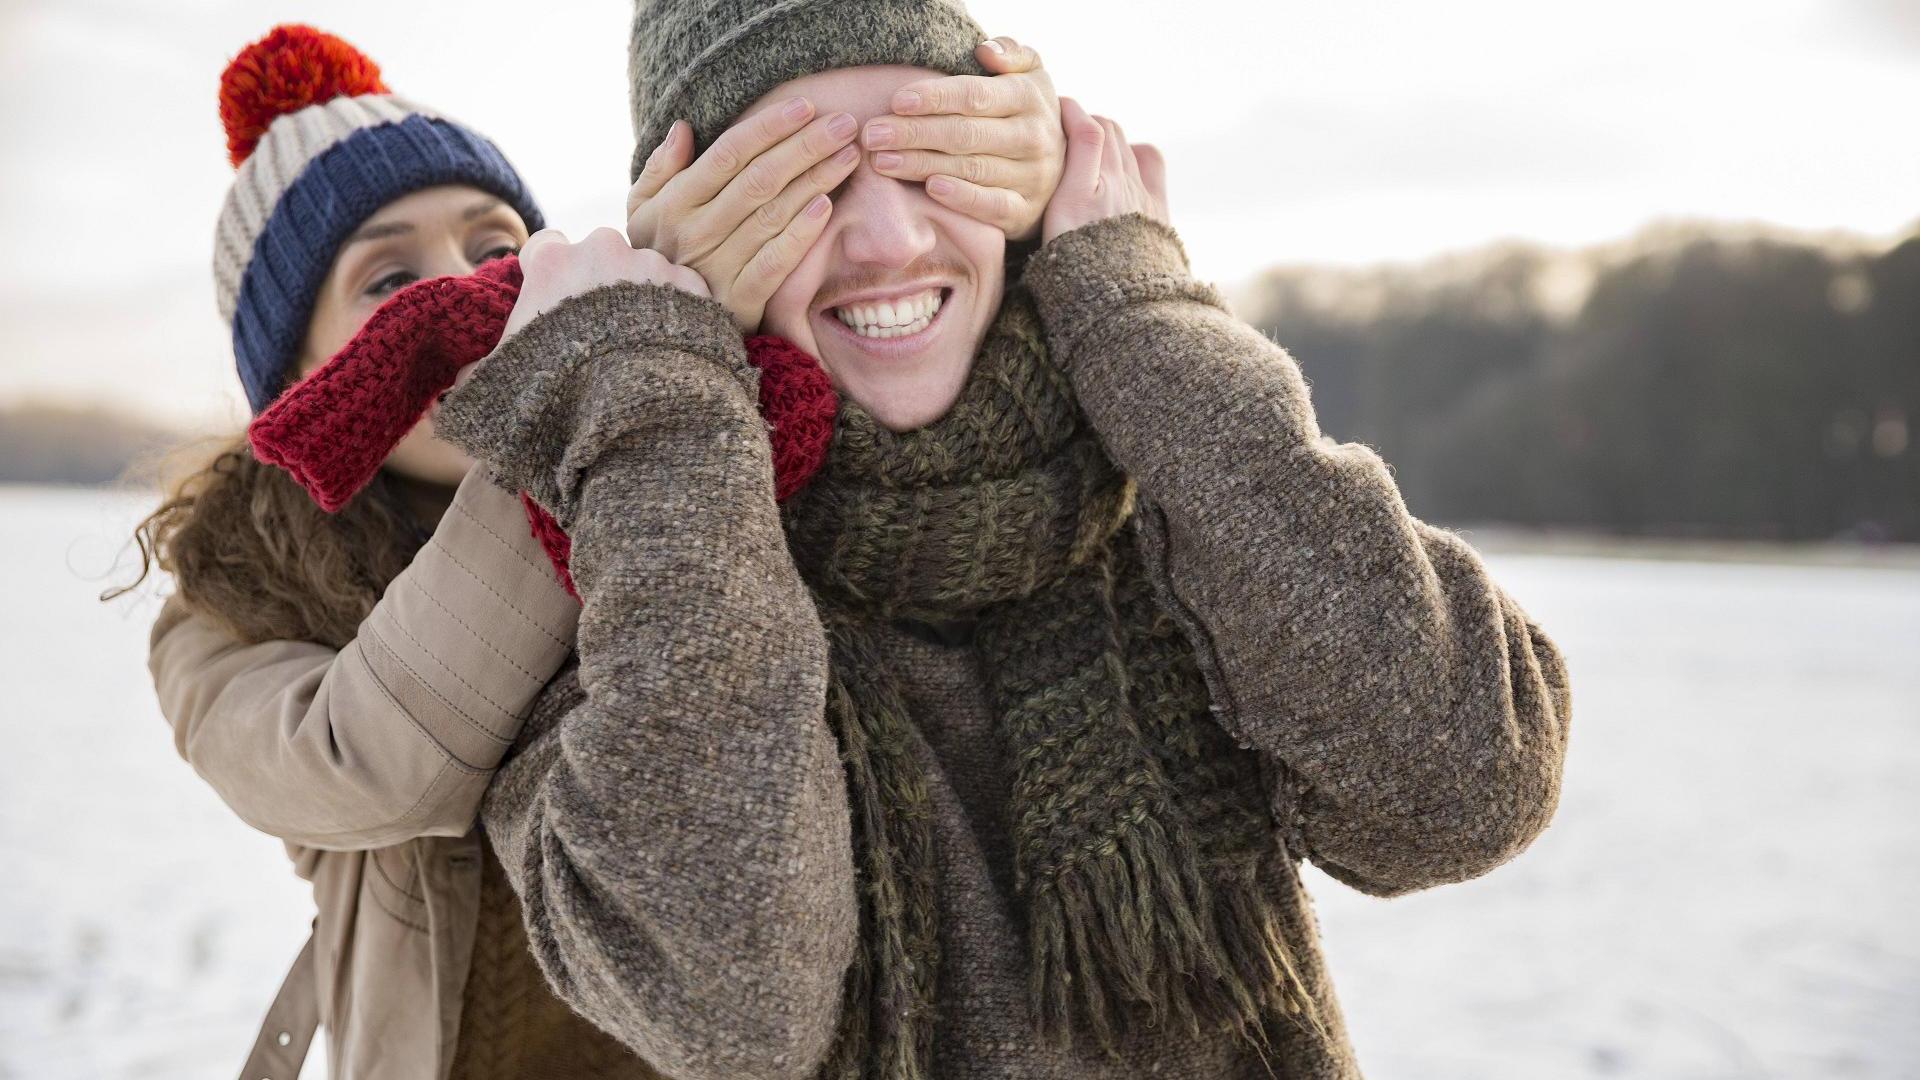 Pärchen im Winter überrascht sich, sie hält ihm die Augen zu